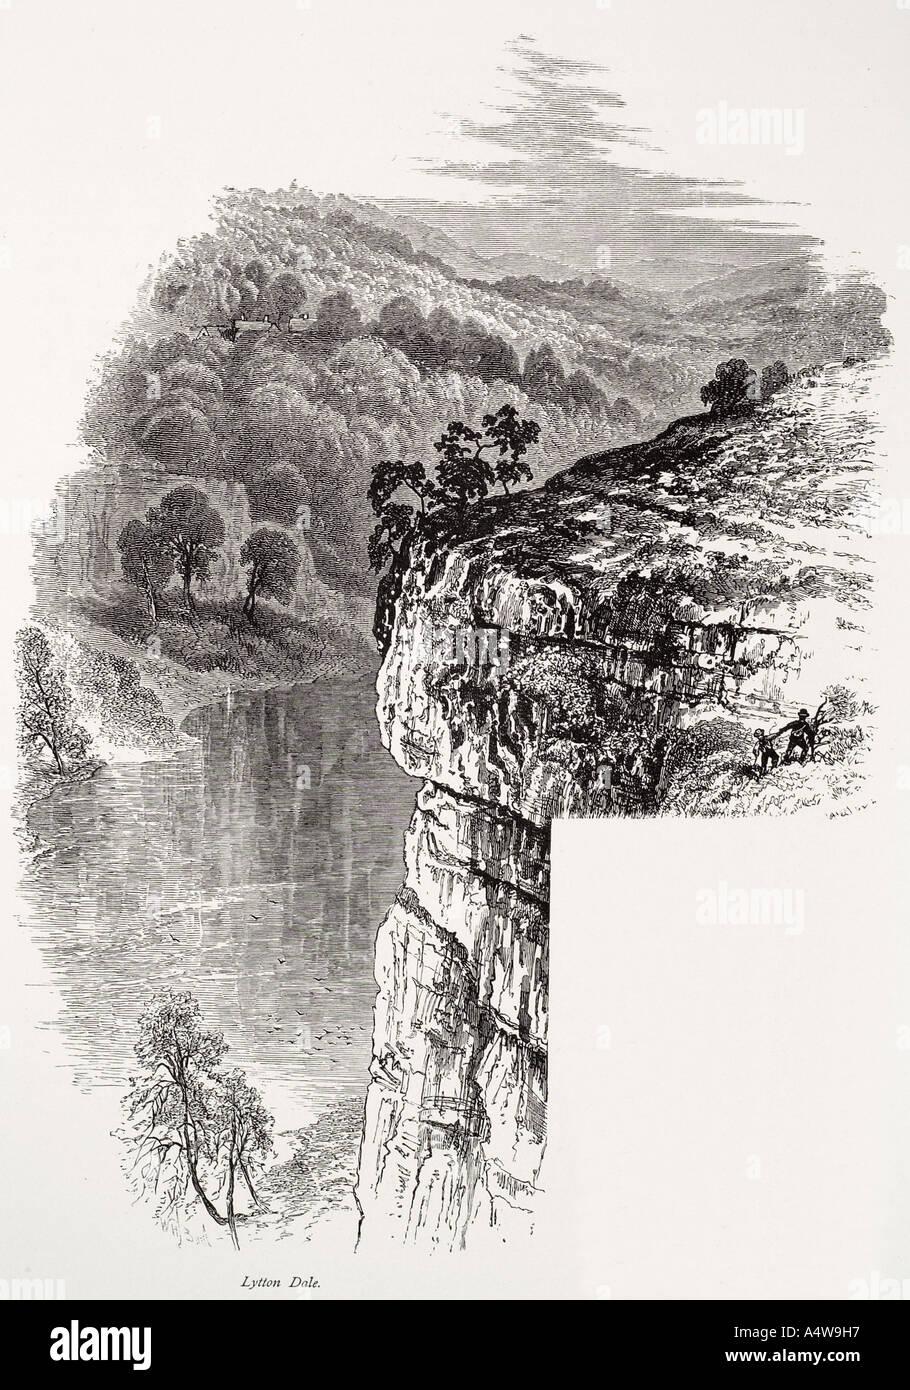 Lytton dale Derbyshire cliff précipice valley river pierre eau haute de l'arbre naturel Géologie dangereuses travel UK GB Great Britain U Banque D'Images